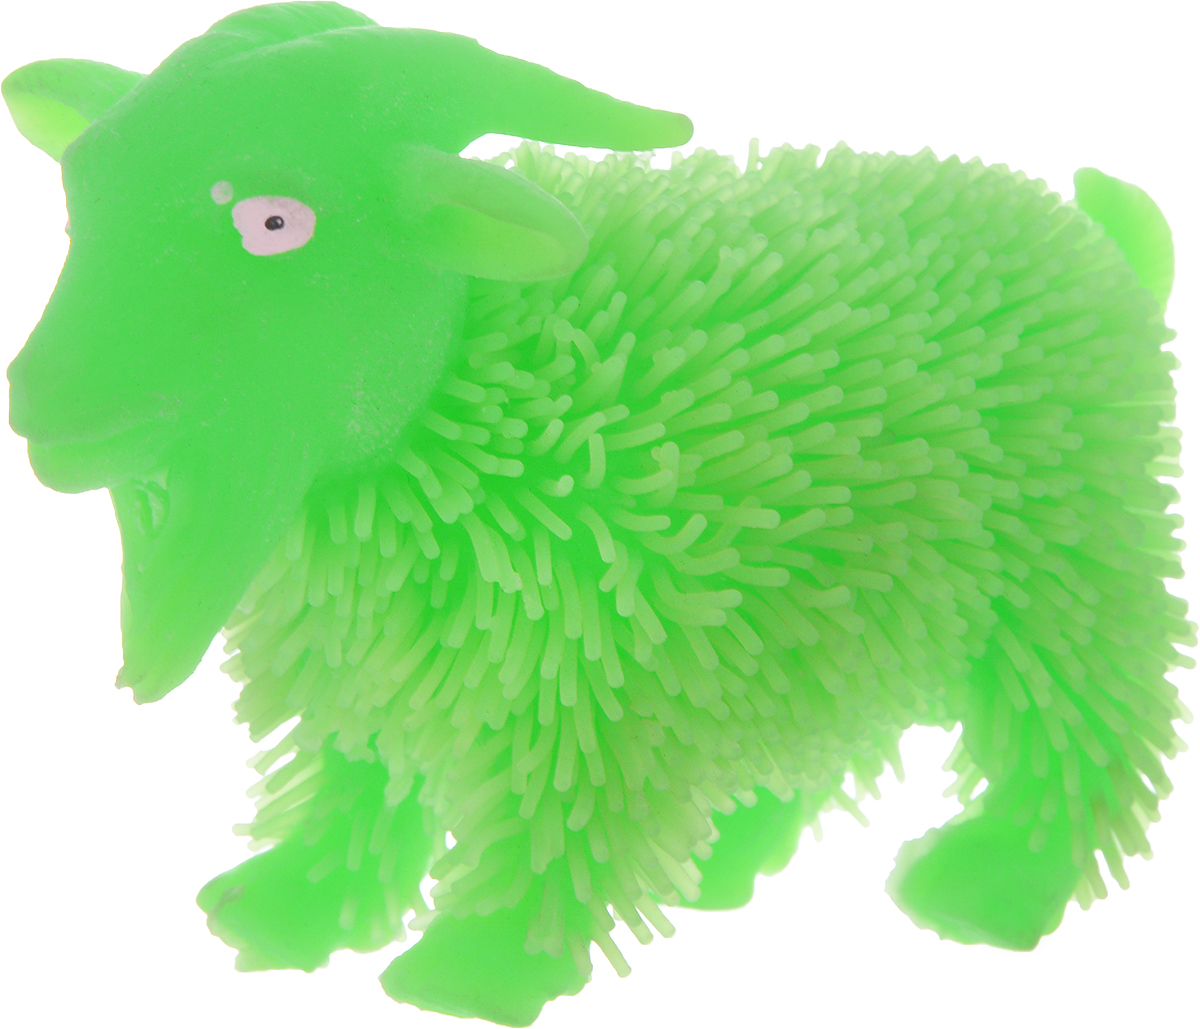 1TOY Антистрессовая игрушка Нью-Ёжики Козел цвет зеленый 1toy игрушка антистресс ё ёжик животное цвет бежевый